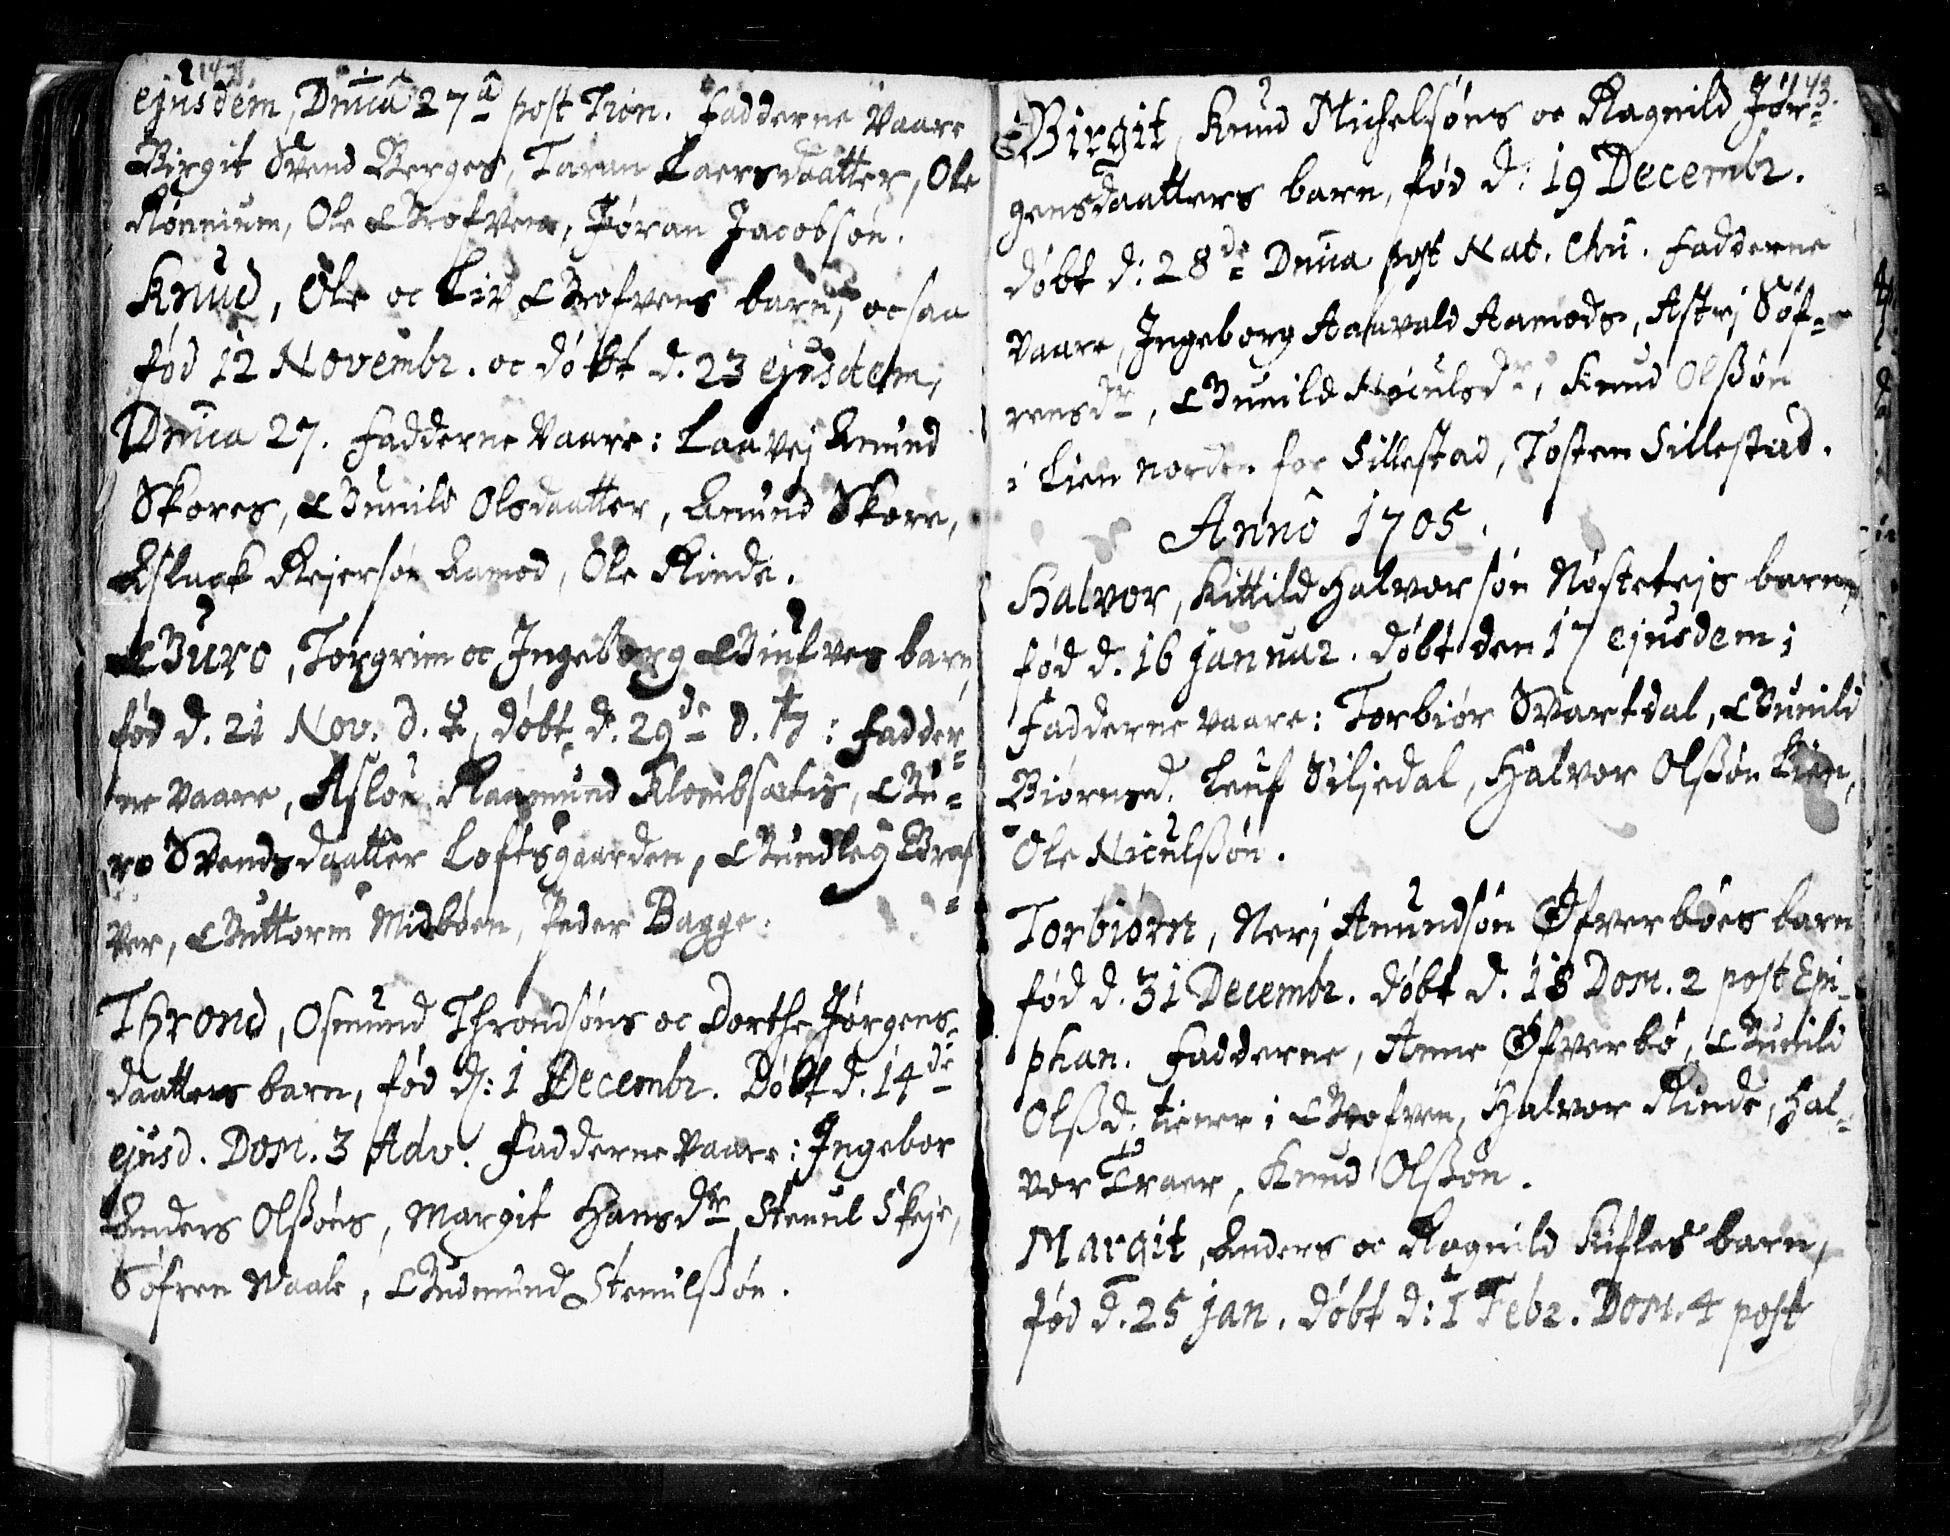 SAKO, Seljord kirkebøker, F/Fa/L0002: Ministerialbok nr. I 2, 1689-1713, s. 142-143